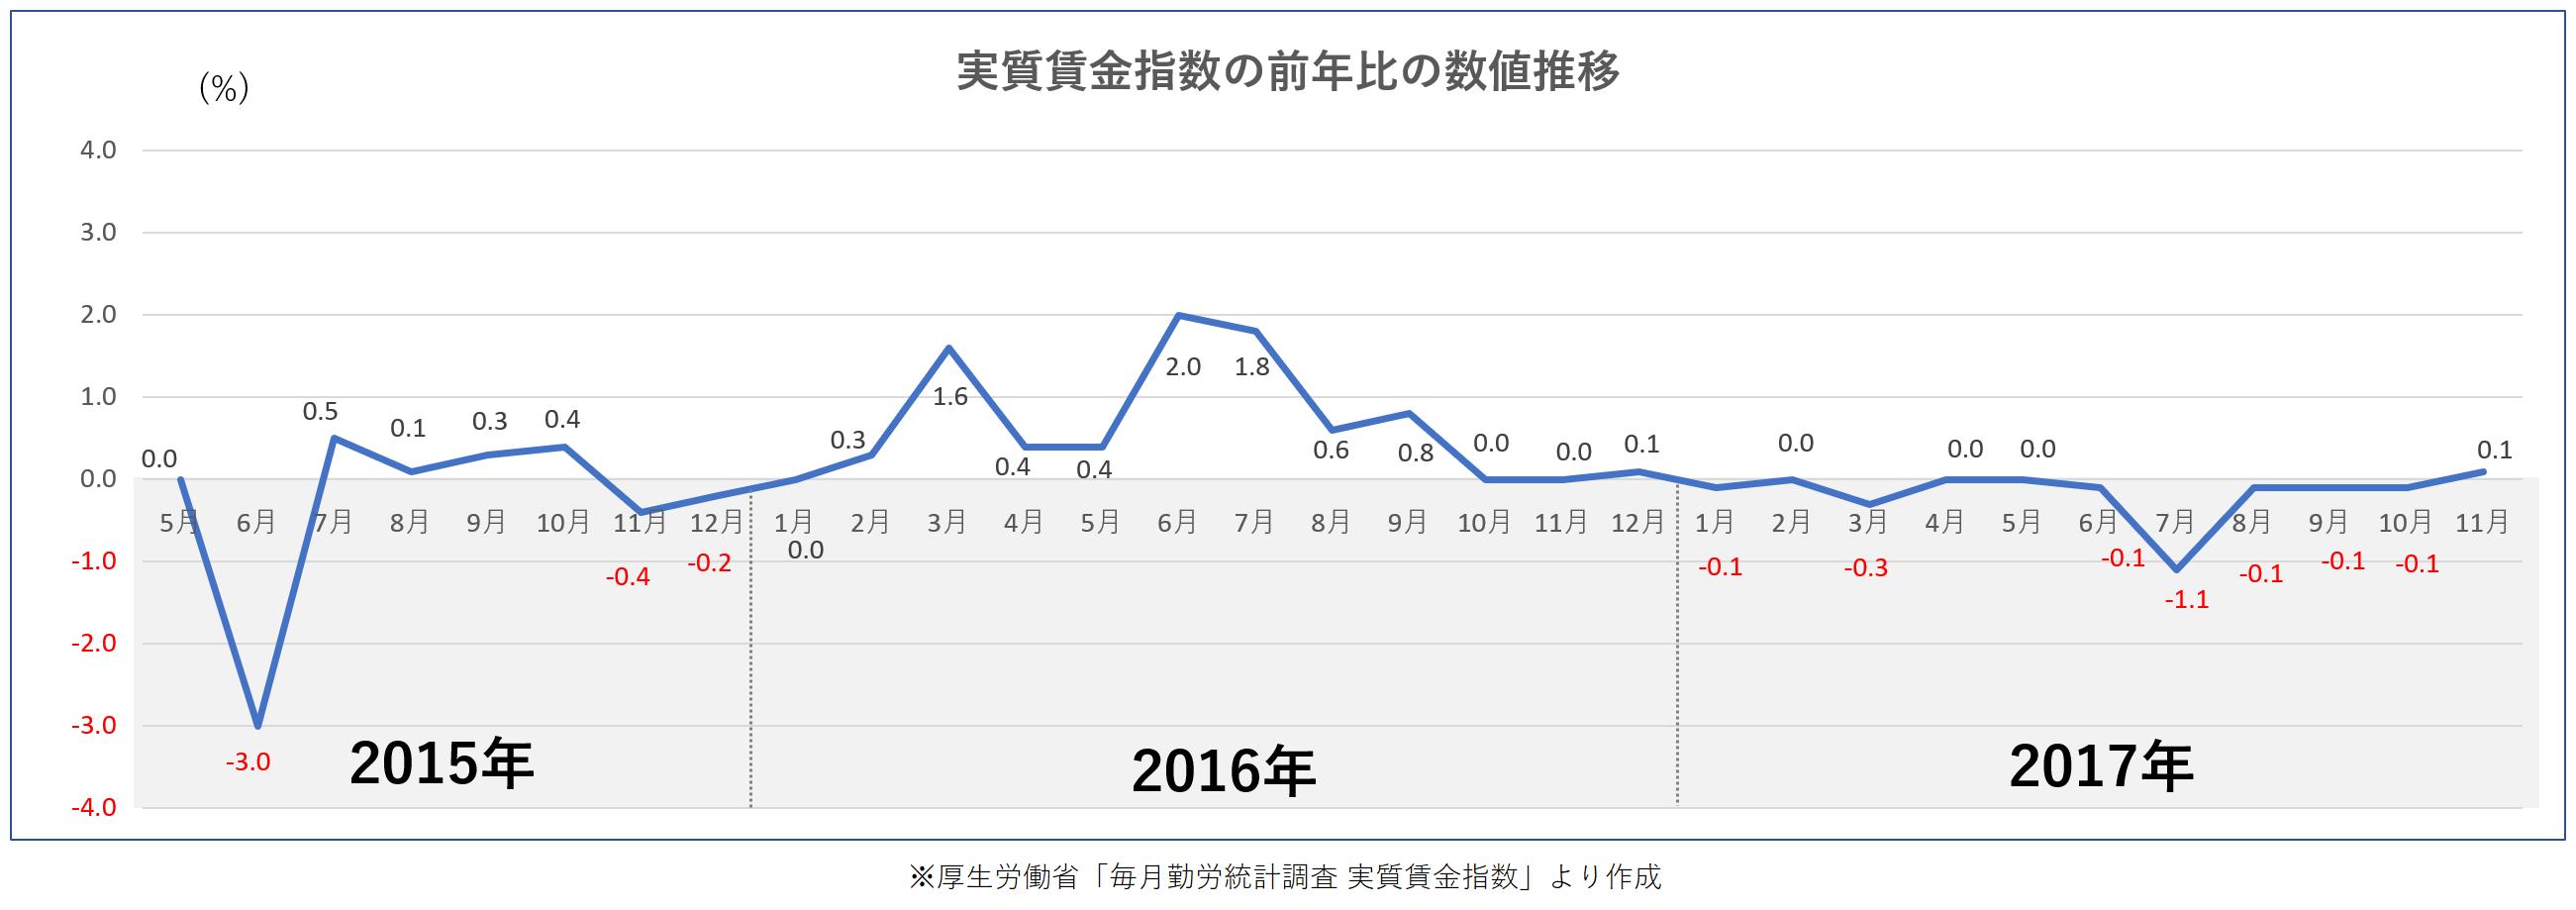 厚生労働省 実質賃金指数